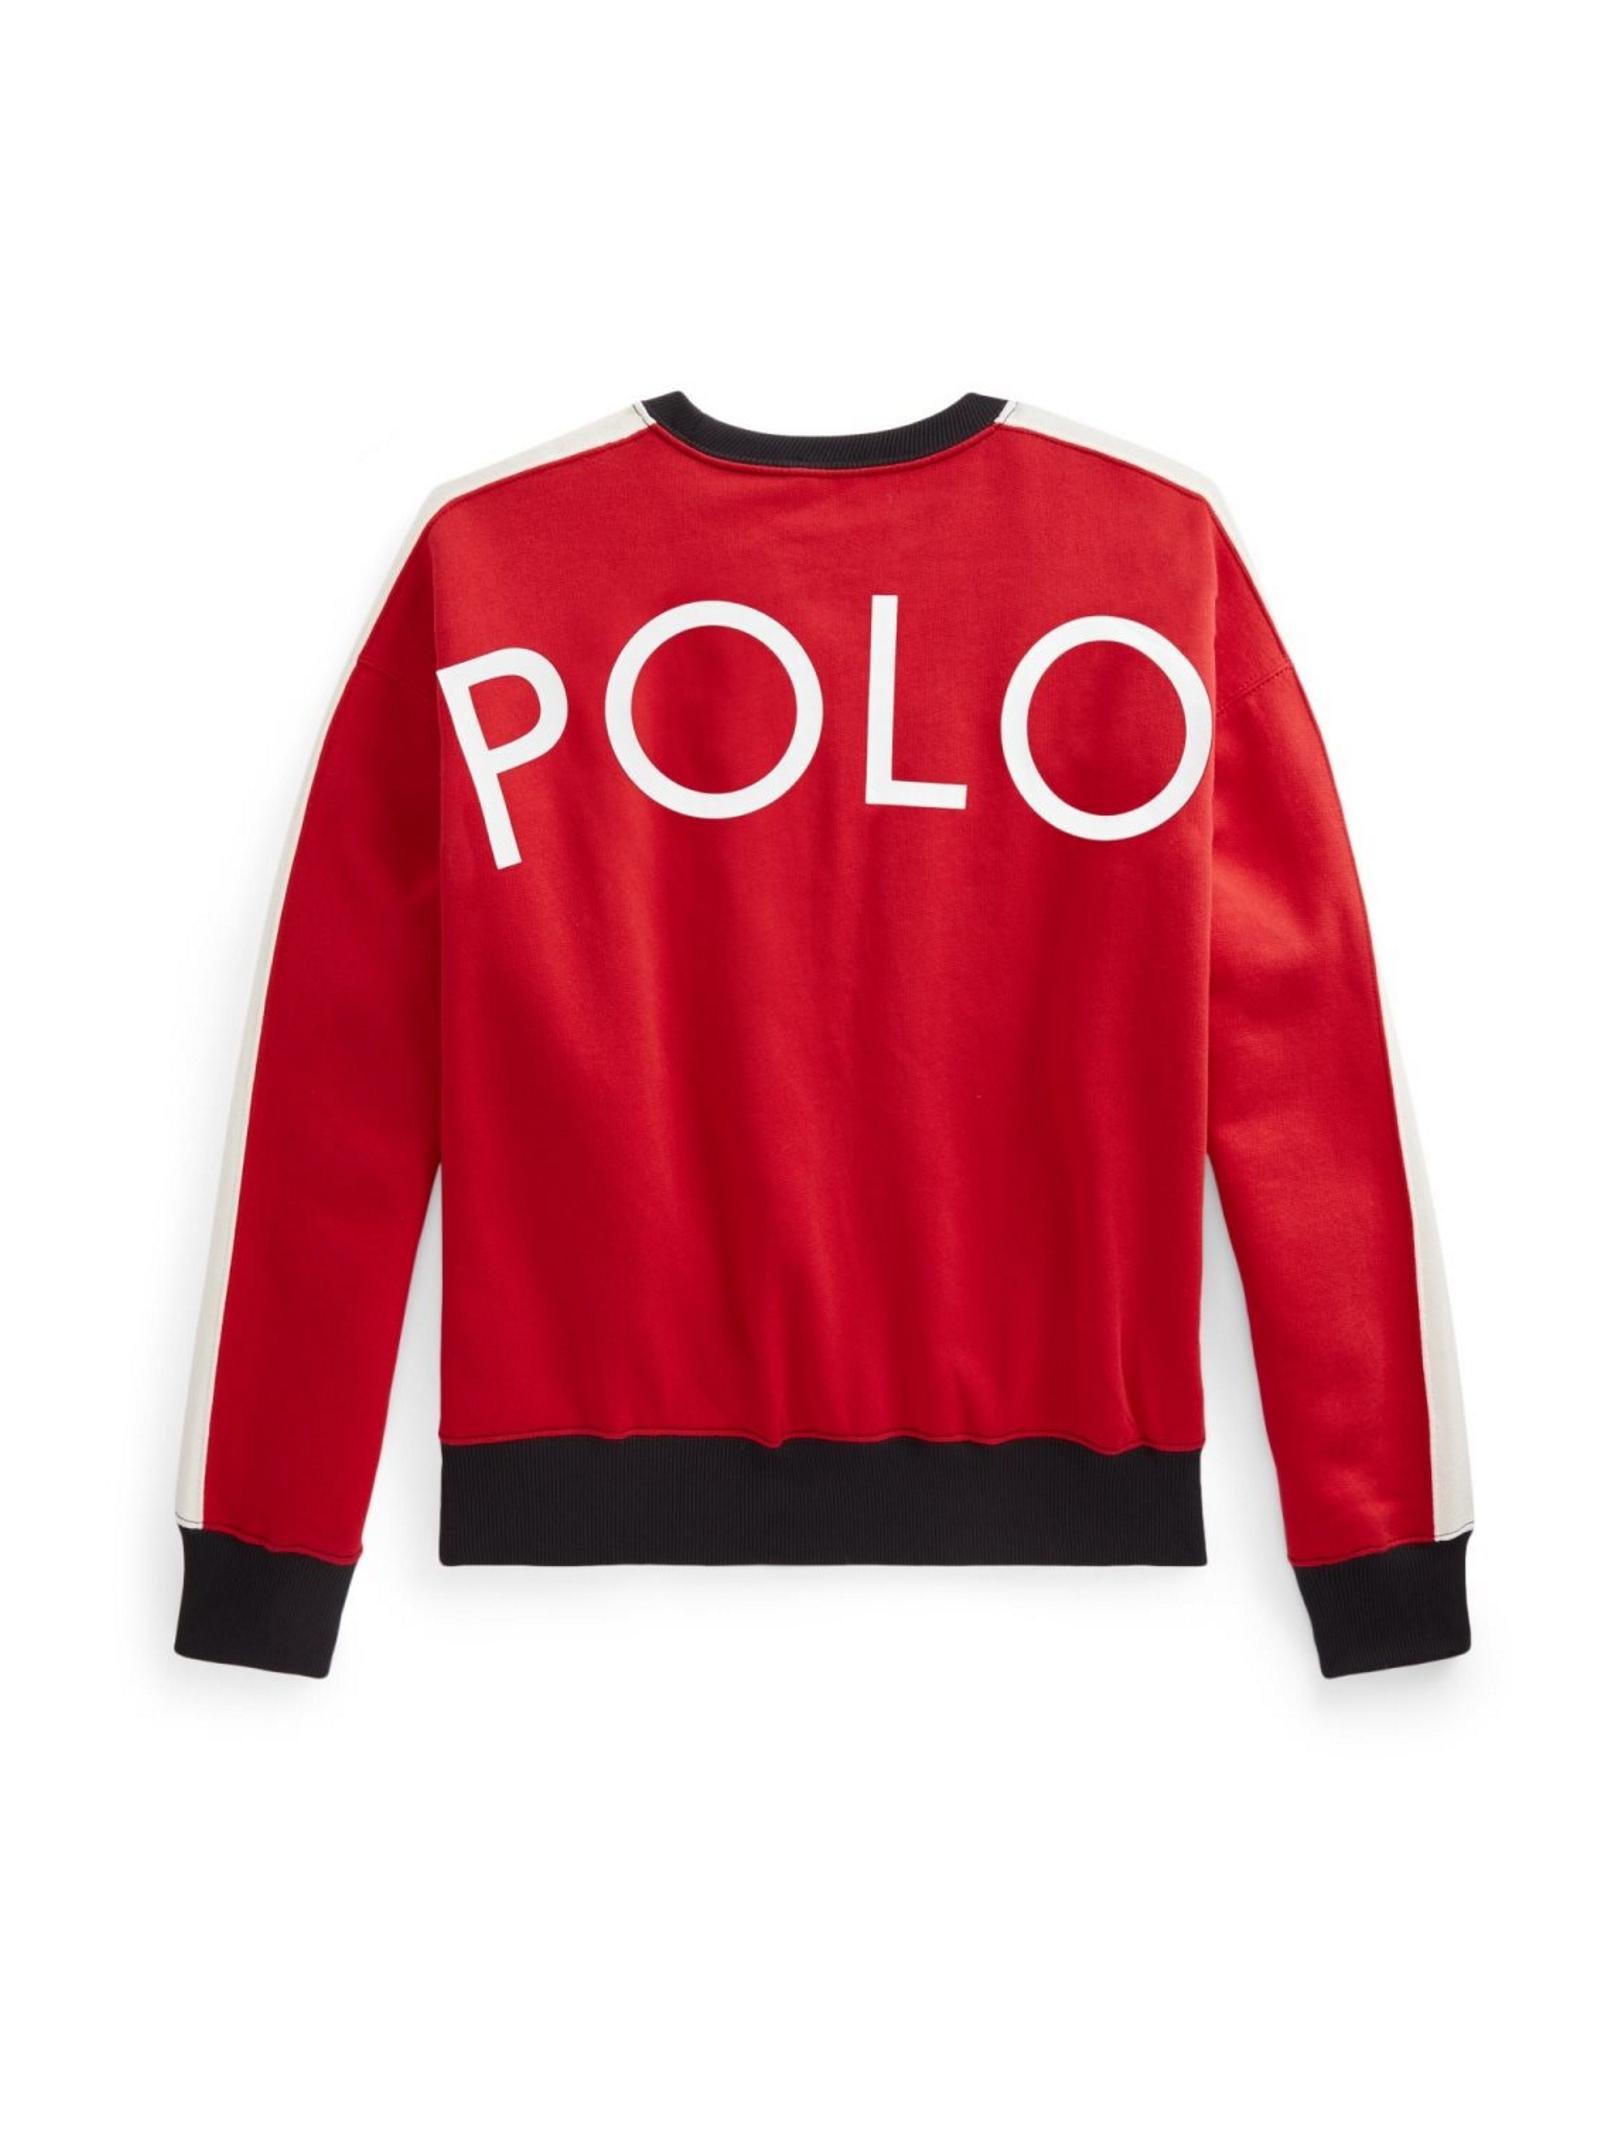 Sweatshirt Polo Ralph Lauren POLO RALPH LAUREN | -108764232 | 211843284002